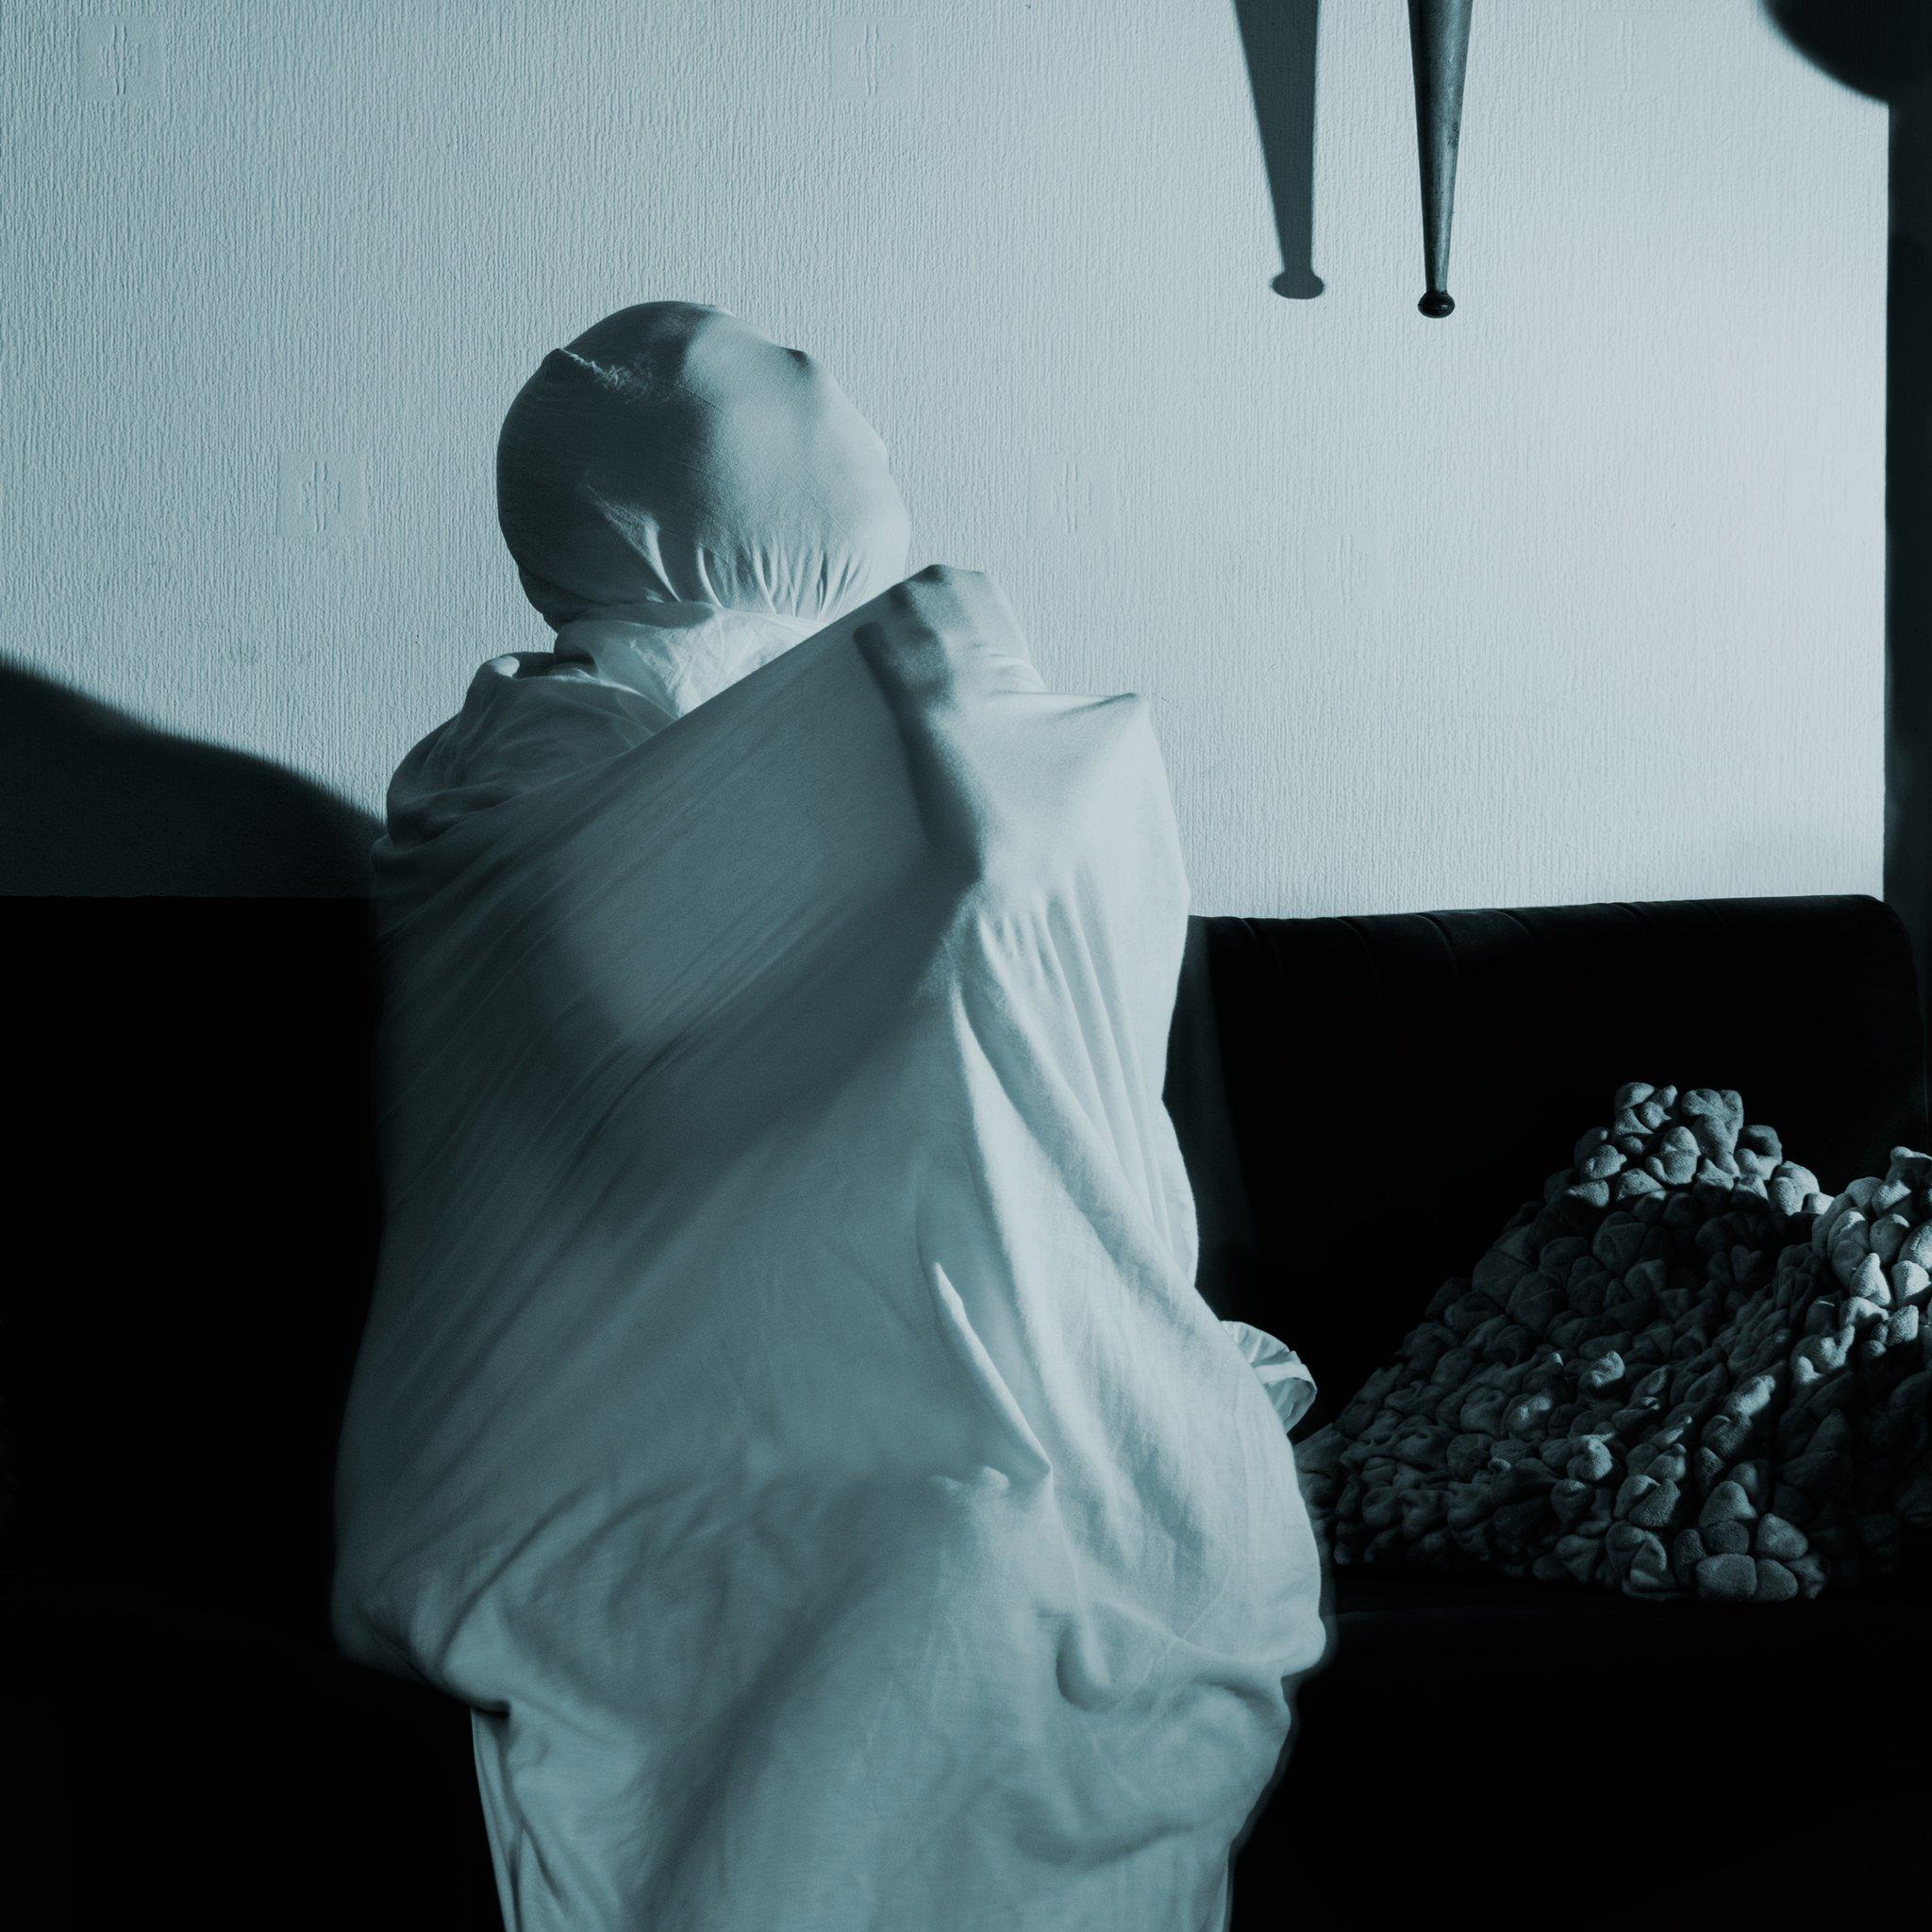 Verstikking - Depressie - Creatief portret - Zwart Wit